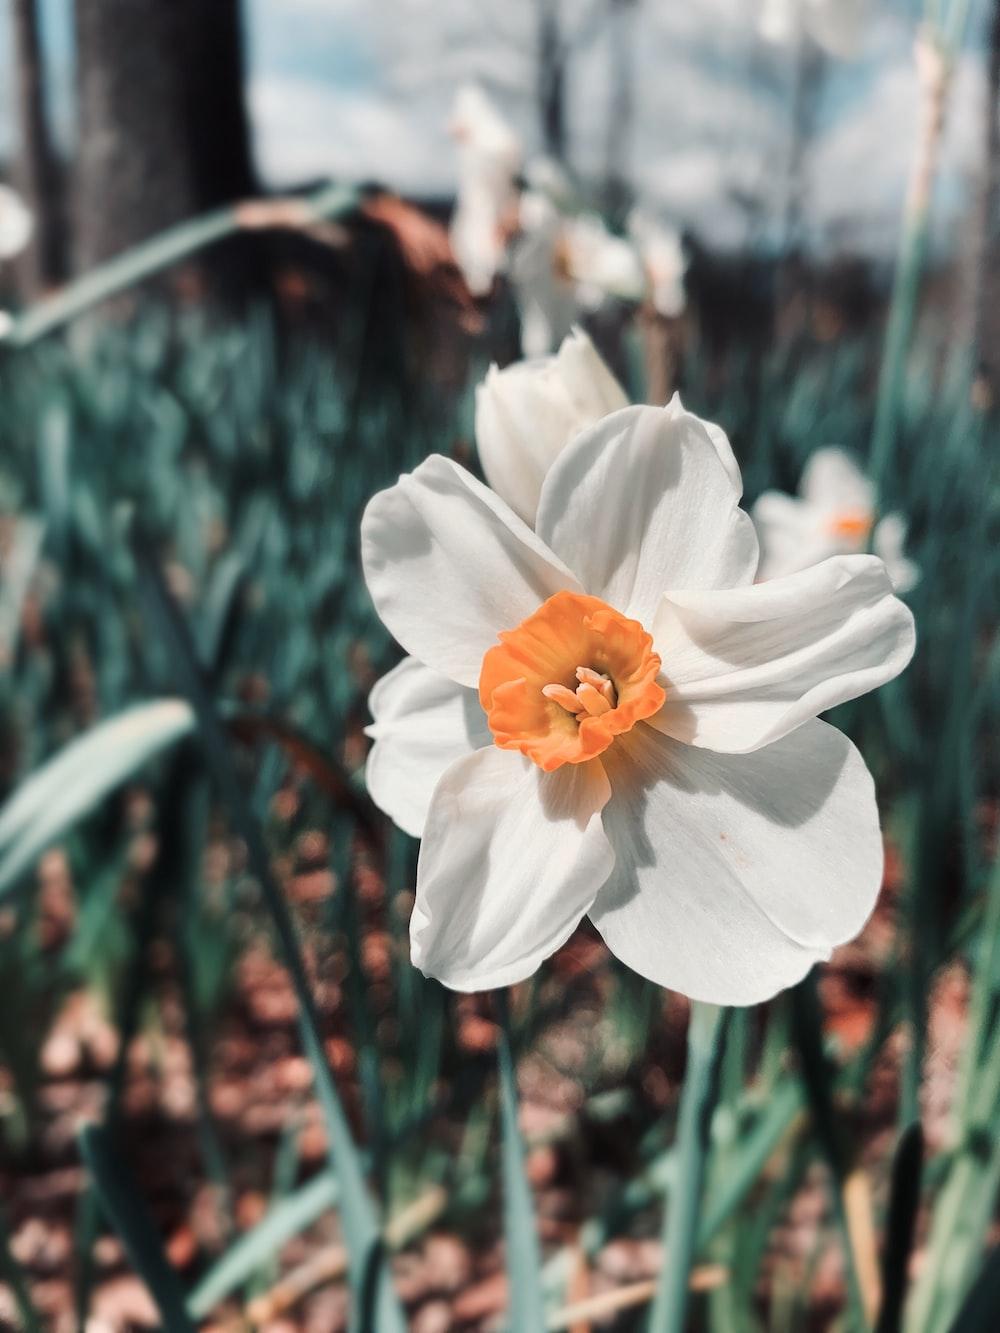 white and orange flower in tilt shift lens